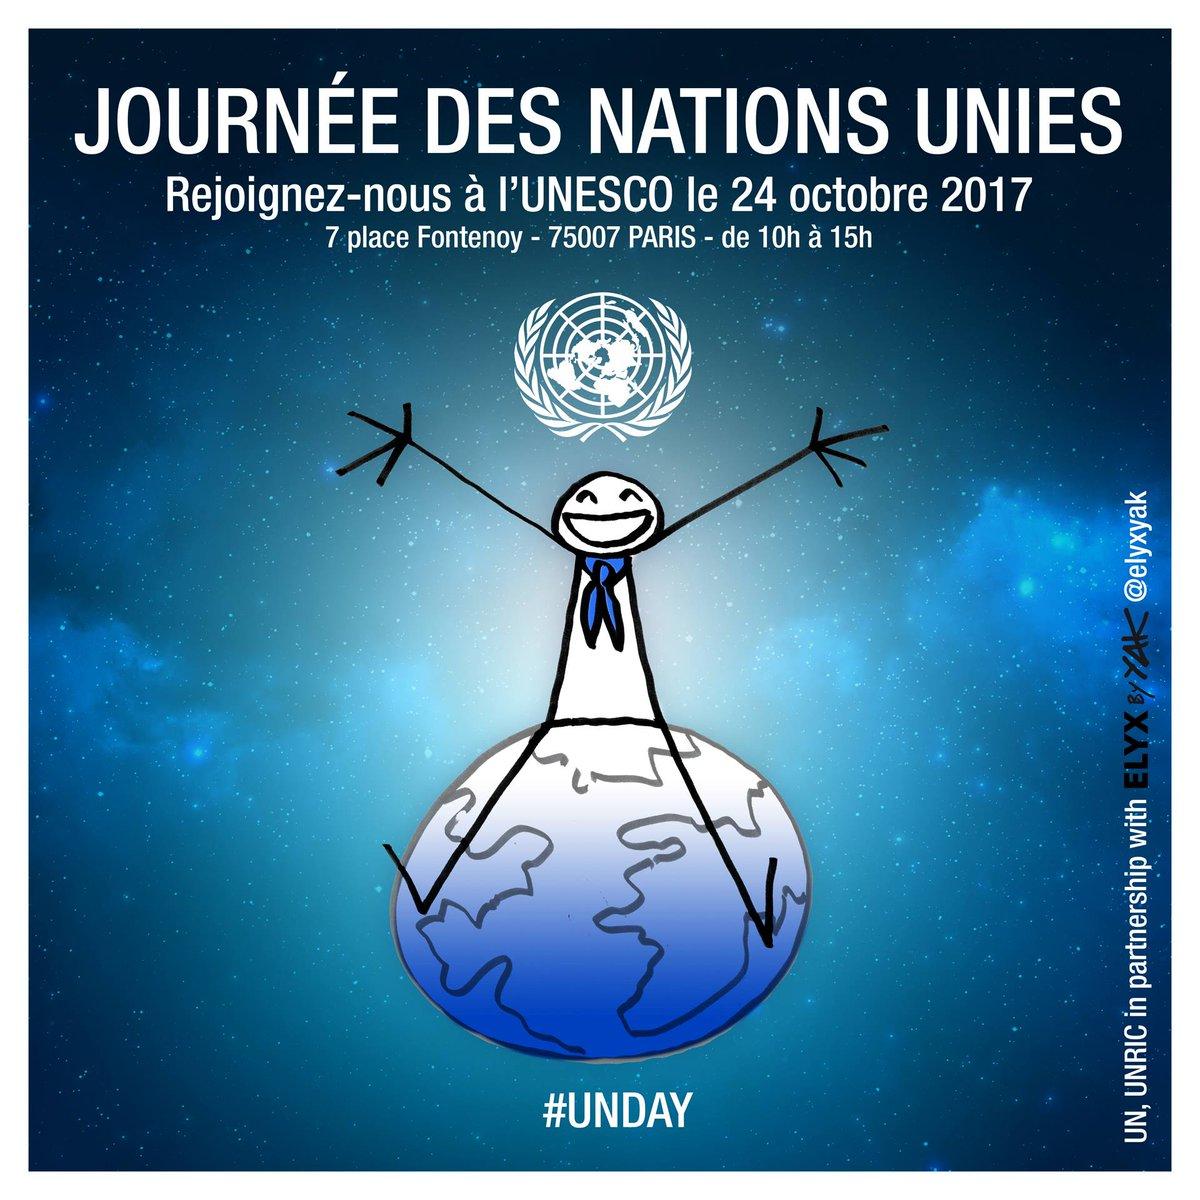 C'est aujourd'hui ! Rejoignez-nous pour célébrer la Journée des @ONU_fr à @UNESCO_fr ✍️ https://t.co/uocxu0SxUe